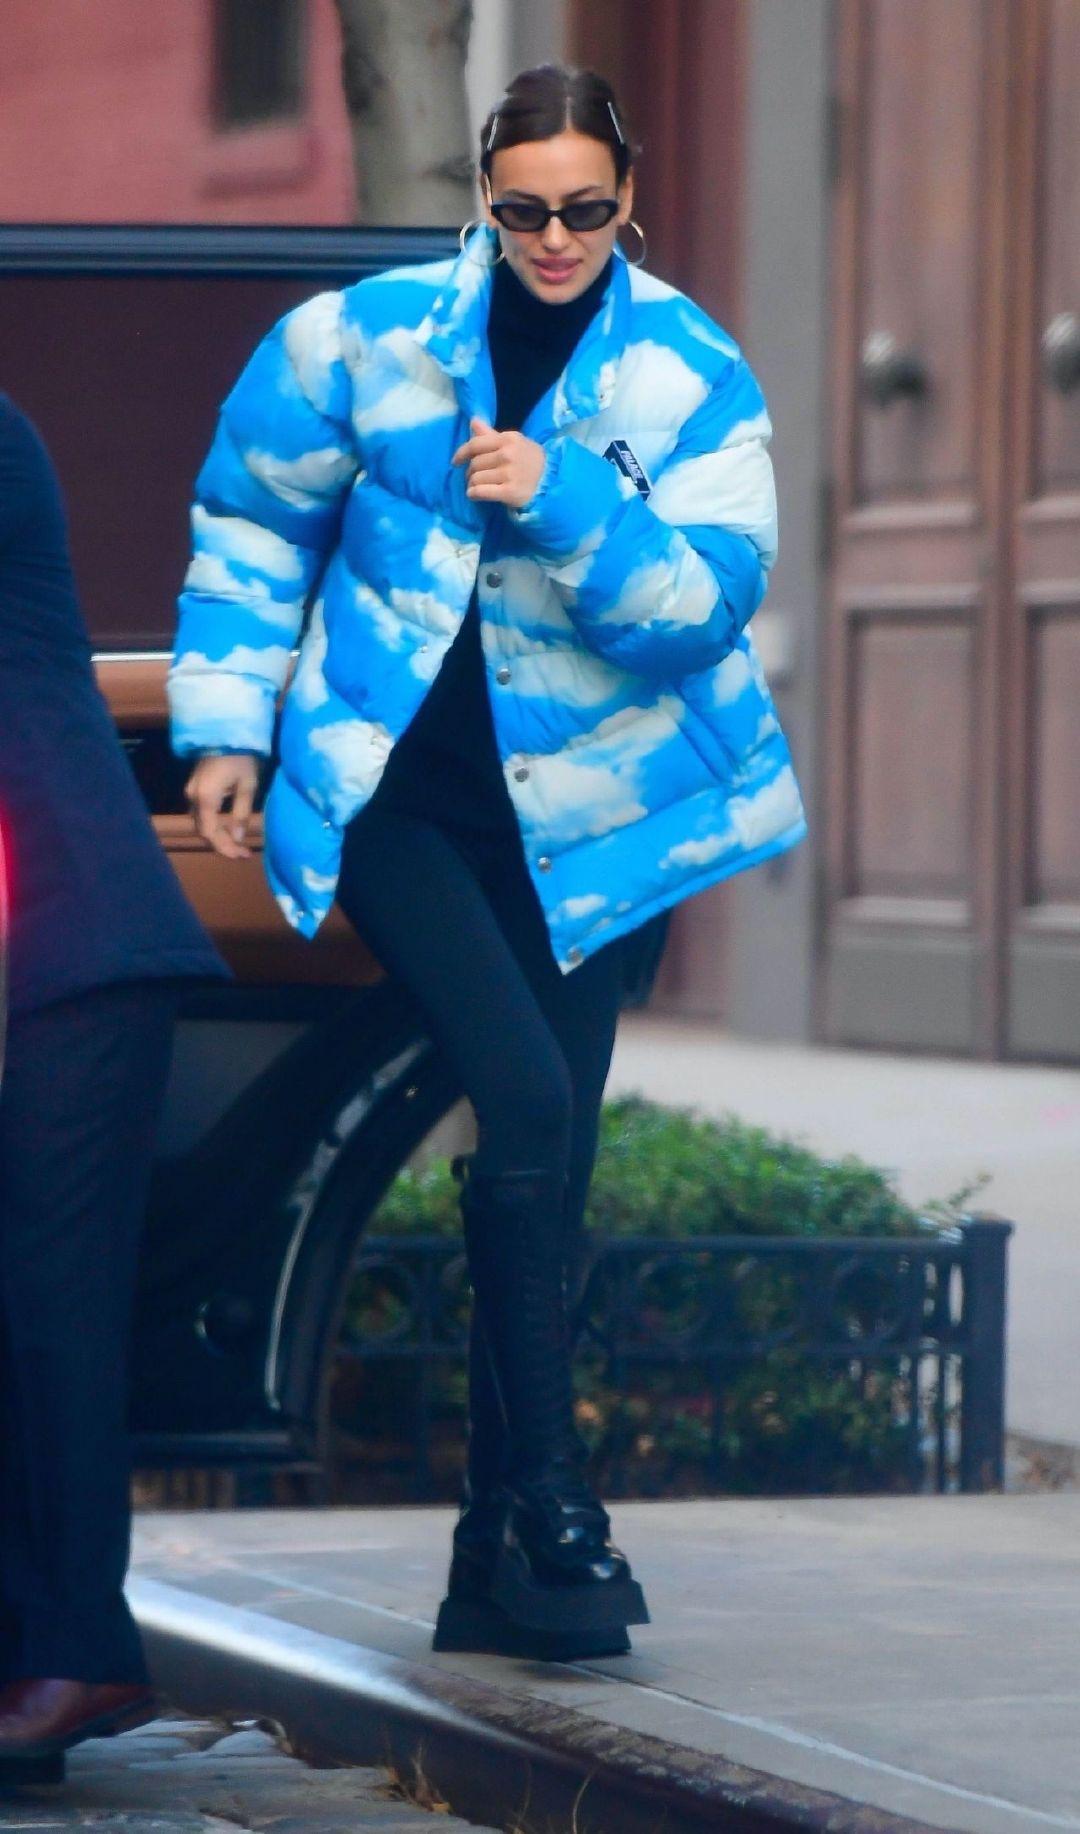 伊莉娜·莎伊克(Irina Shayk)身穿风云印花羽绒外套-纽约11/24/2020